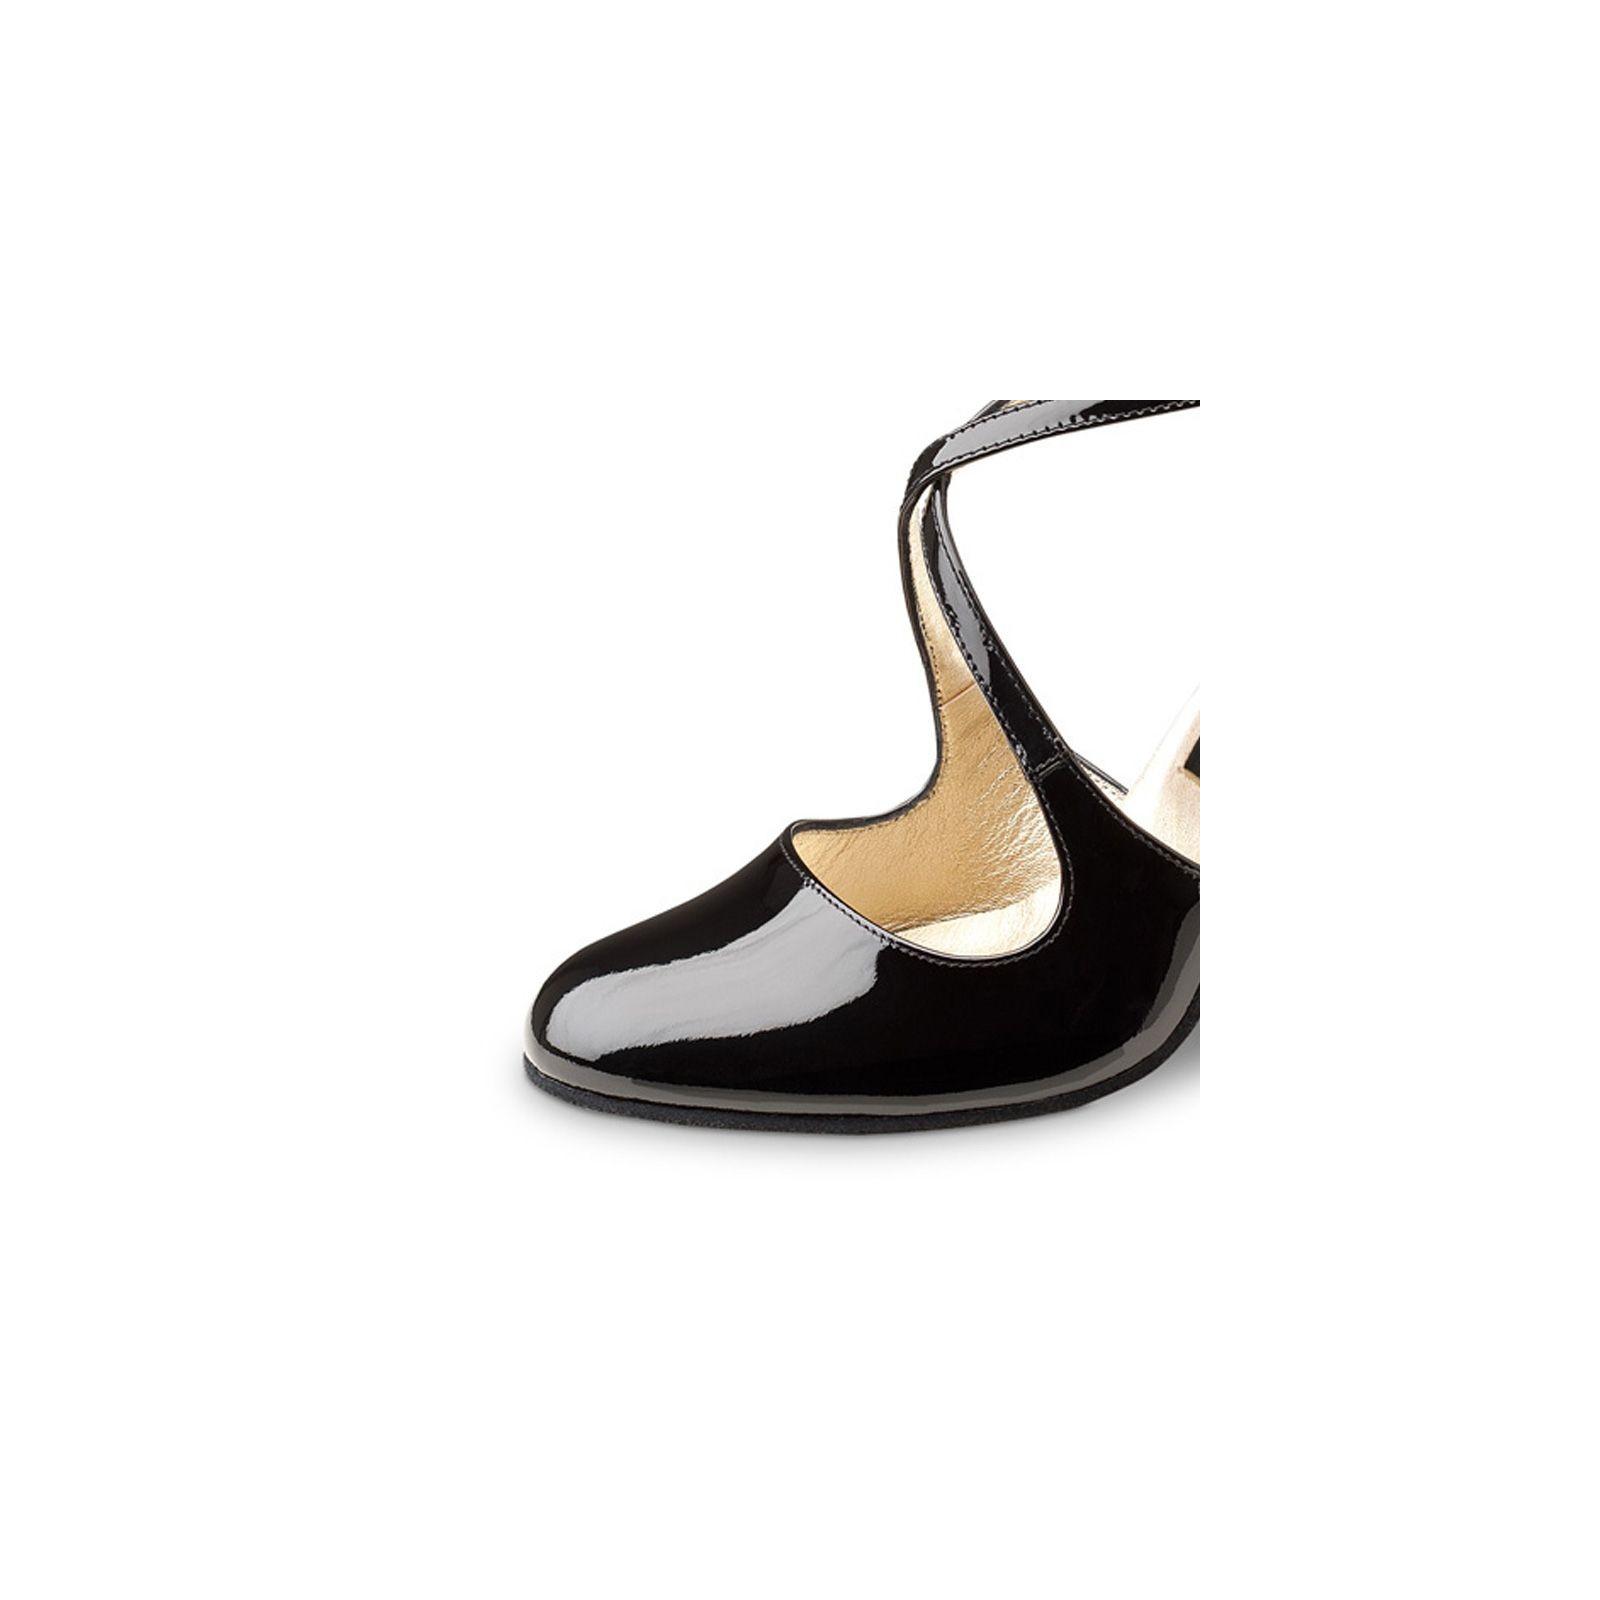 chaussures de danse nueva epoca werner kern lupe. Black Bedroom Furniture Sets. Home Design Ideas